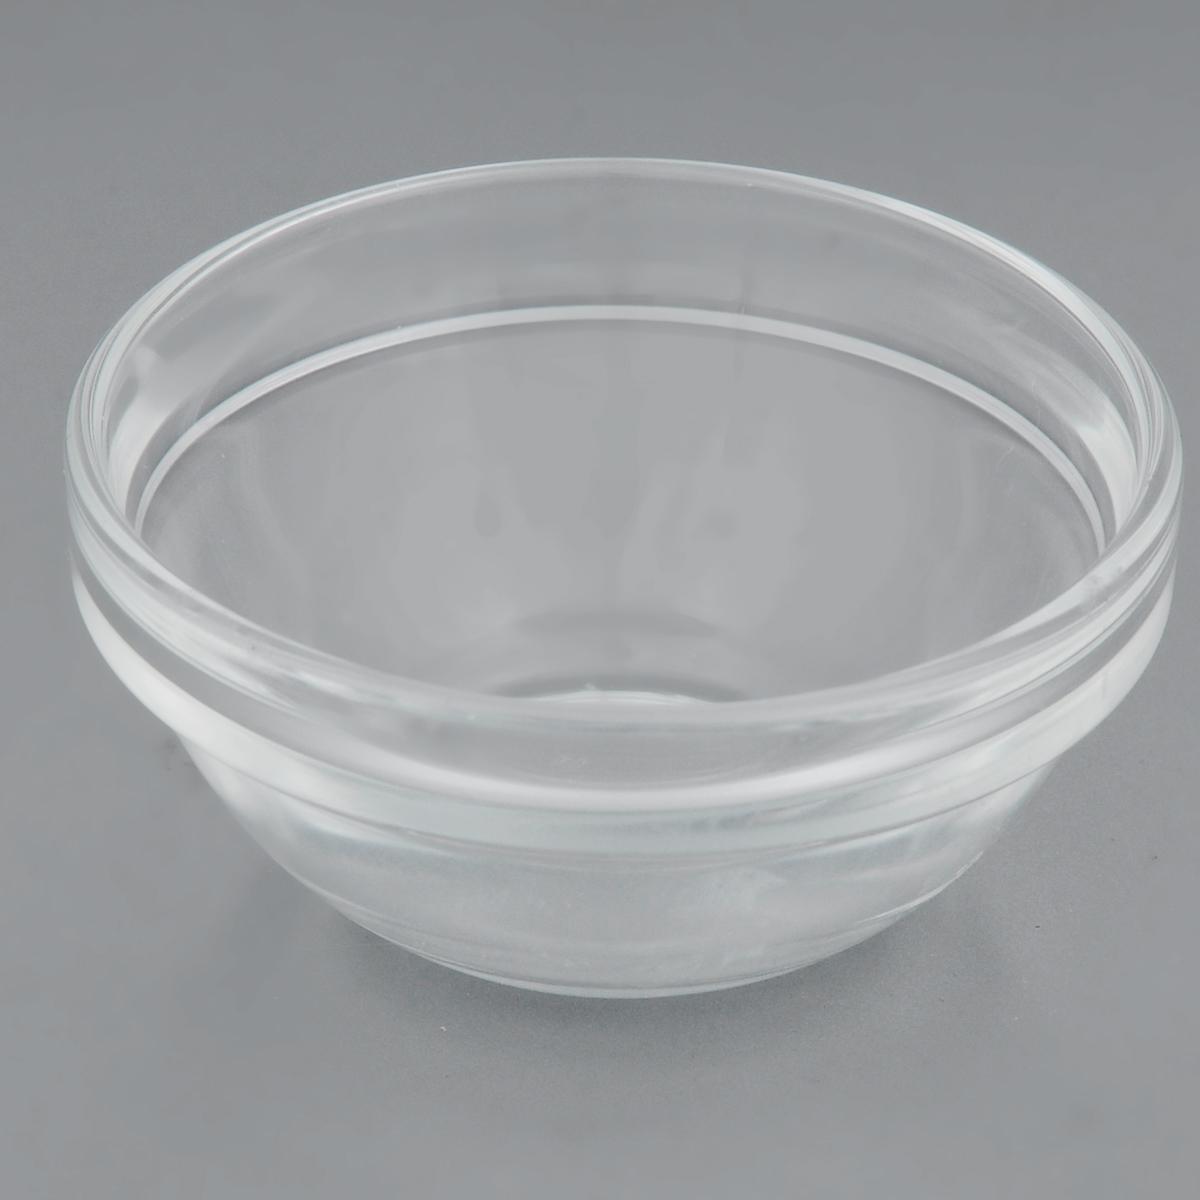 Салатник Luminarc Удобное хранение, диаметр 7 смH9671Салатник Luminarc Удобное хранение изготовлен из натрий-кальций-силикатного стекла и предназначен для красивой сервировки стола. Салатник сочетает в себе оригинальный дизайн и функциональность. Диаметр (по верхнему краю): 7 см. Диаметр дна: 4 см.